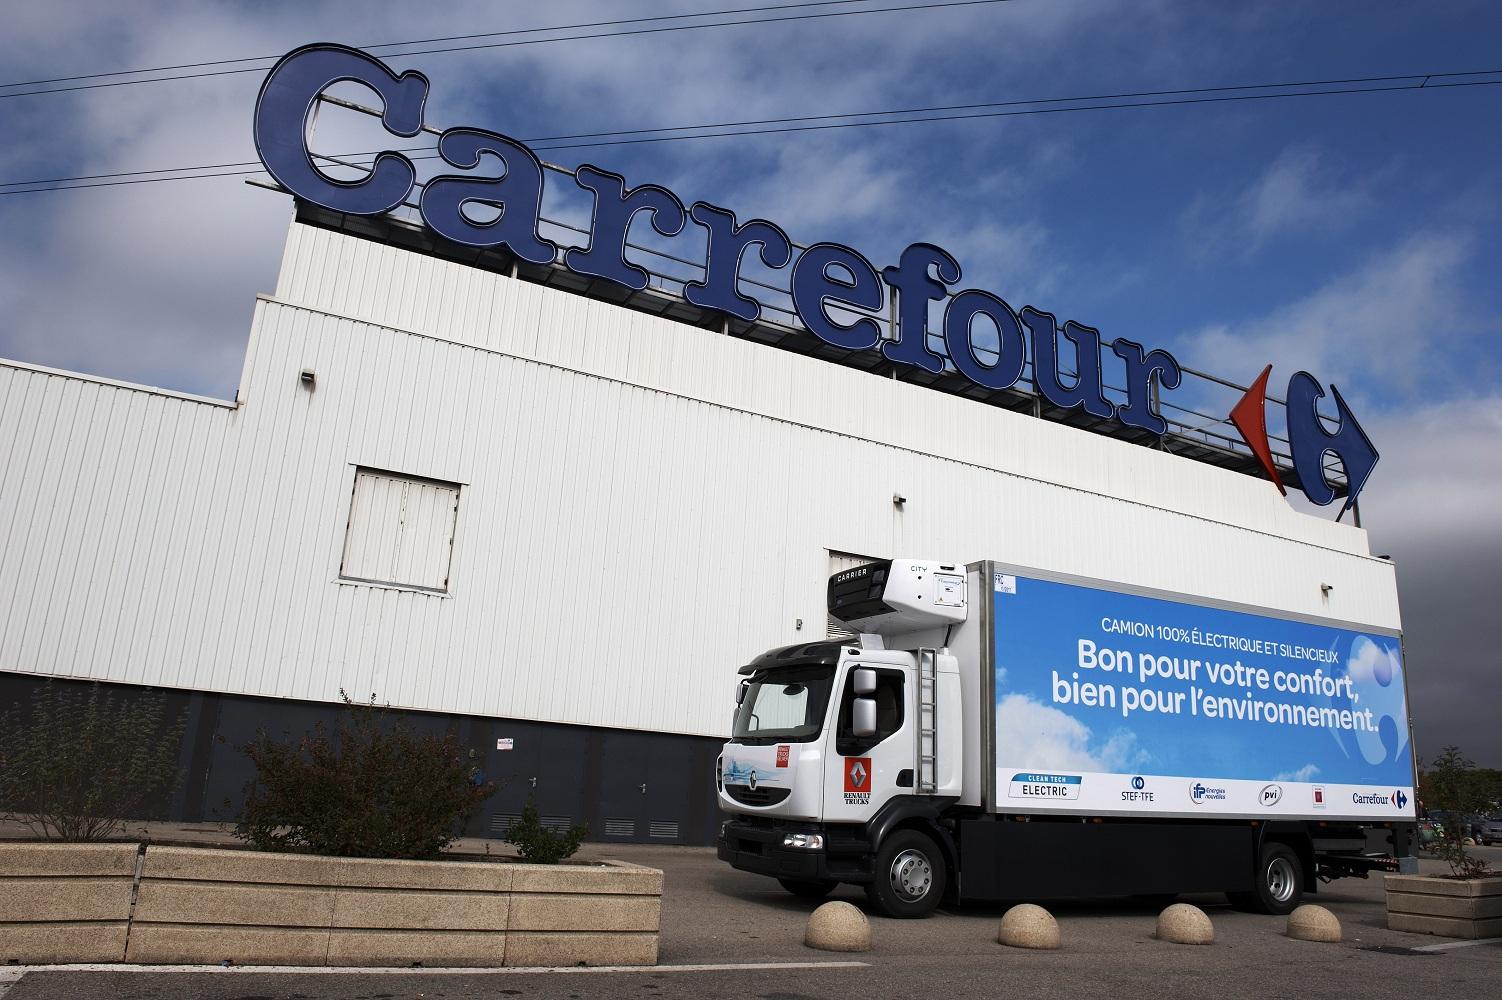 Le camion du projet Melodys devant un supermarché Carrefour